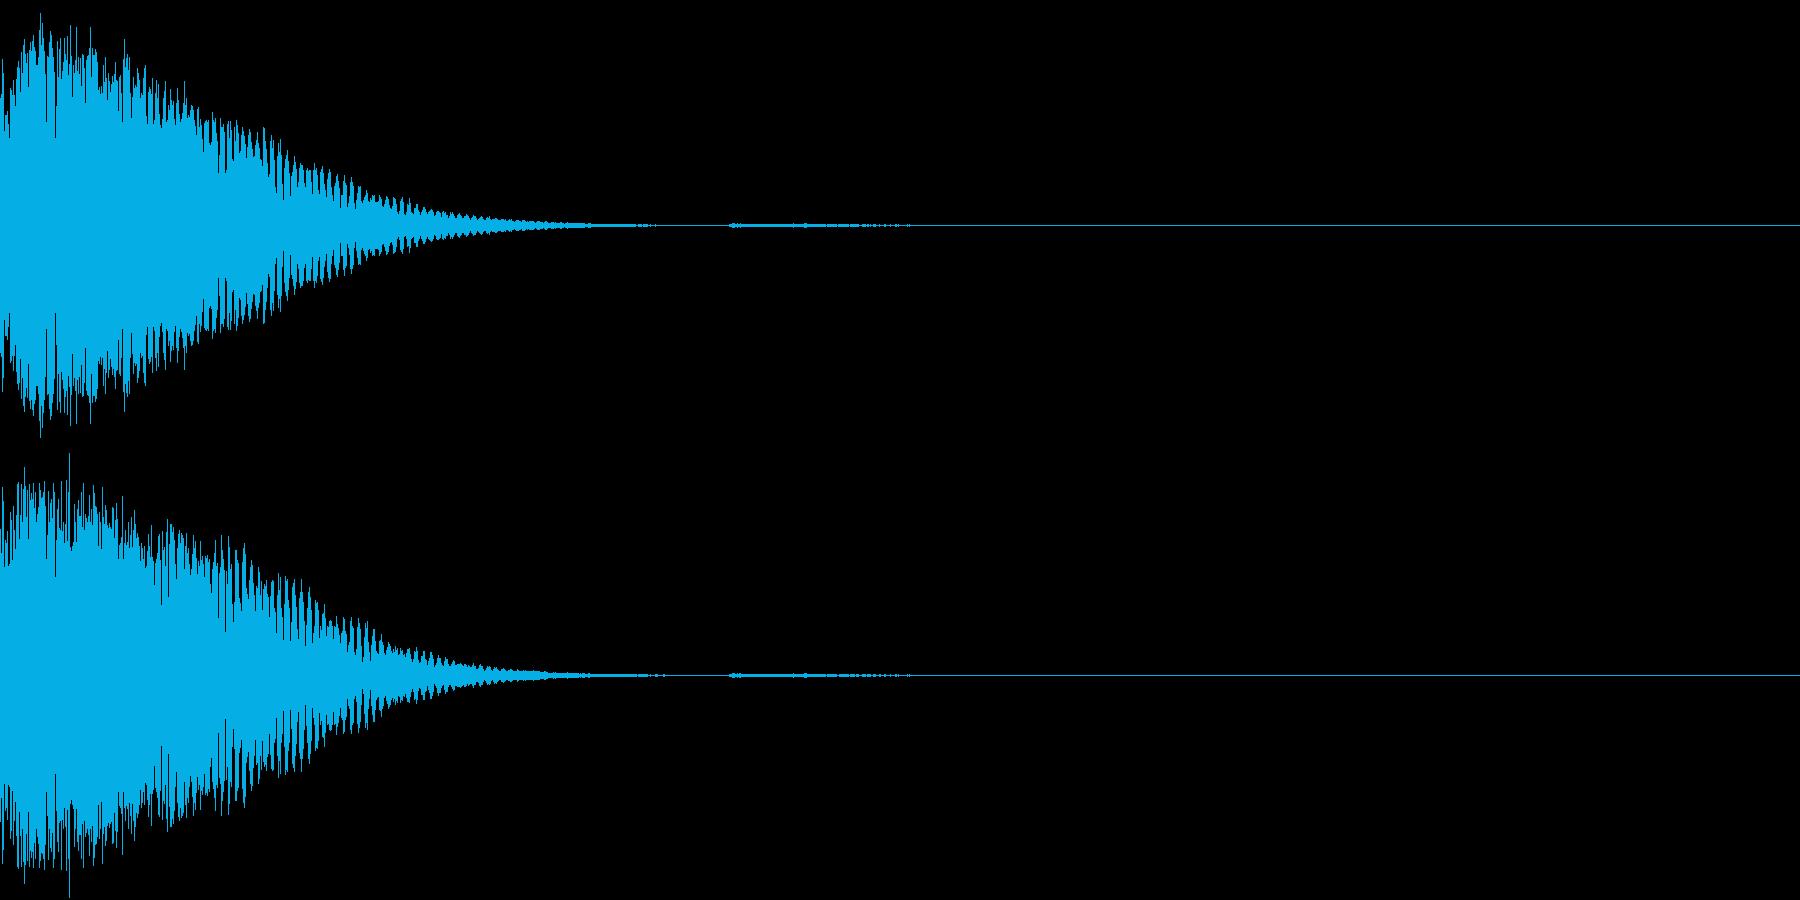 クリック音、キラン、キュイン、ピコン09の再生済みの波形